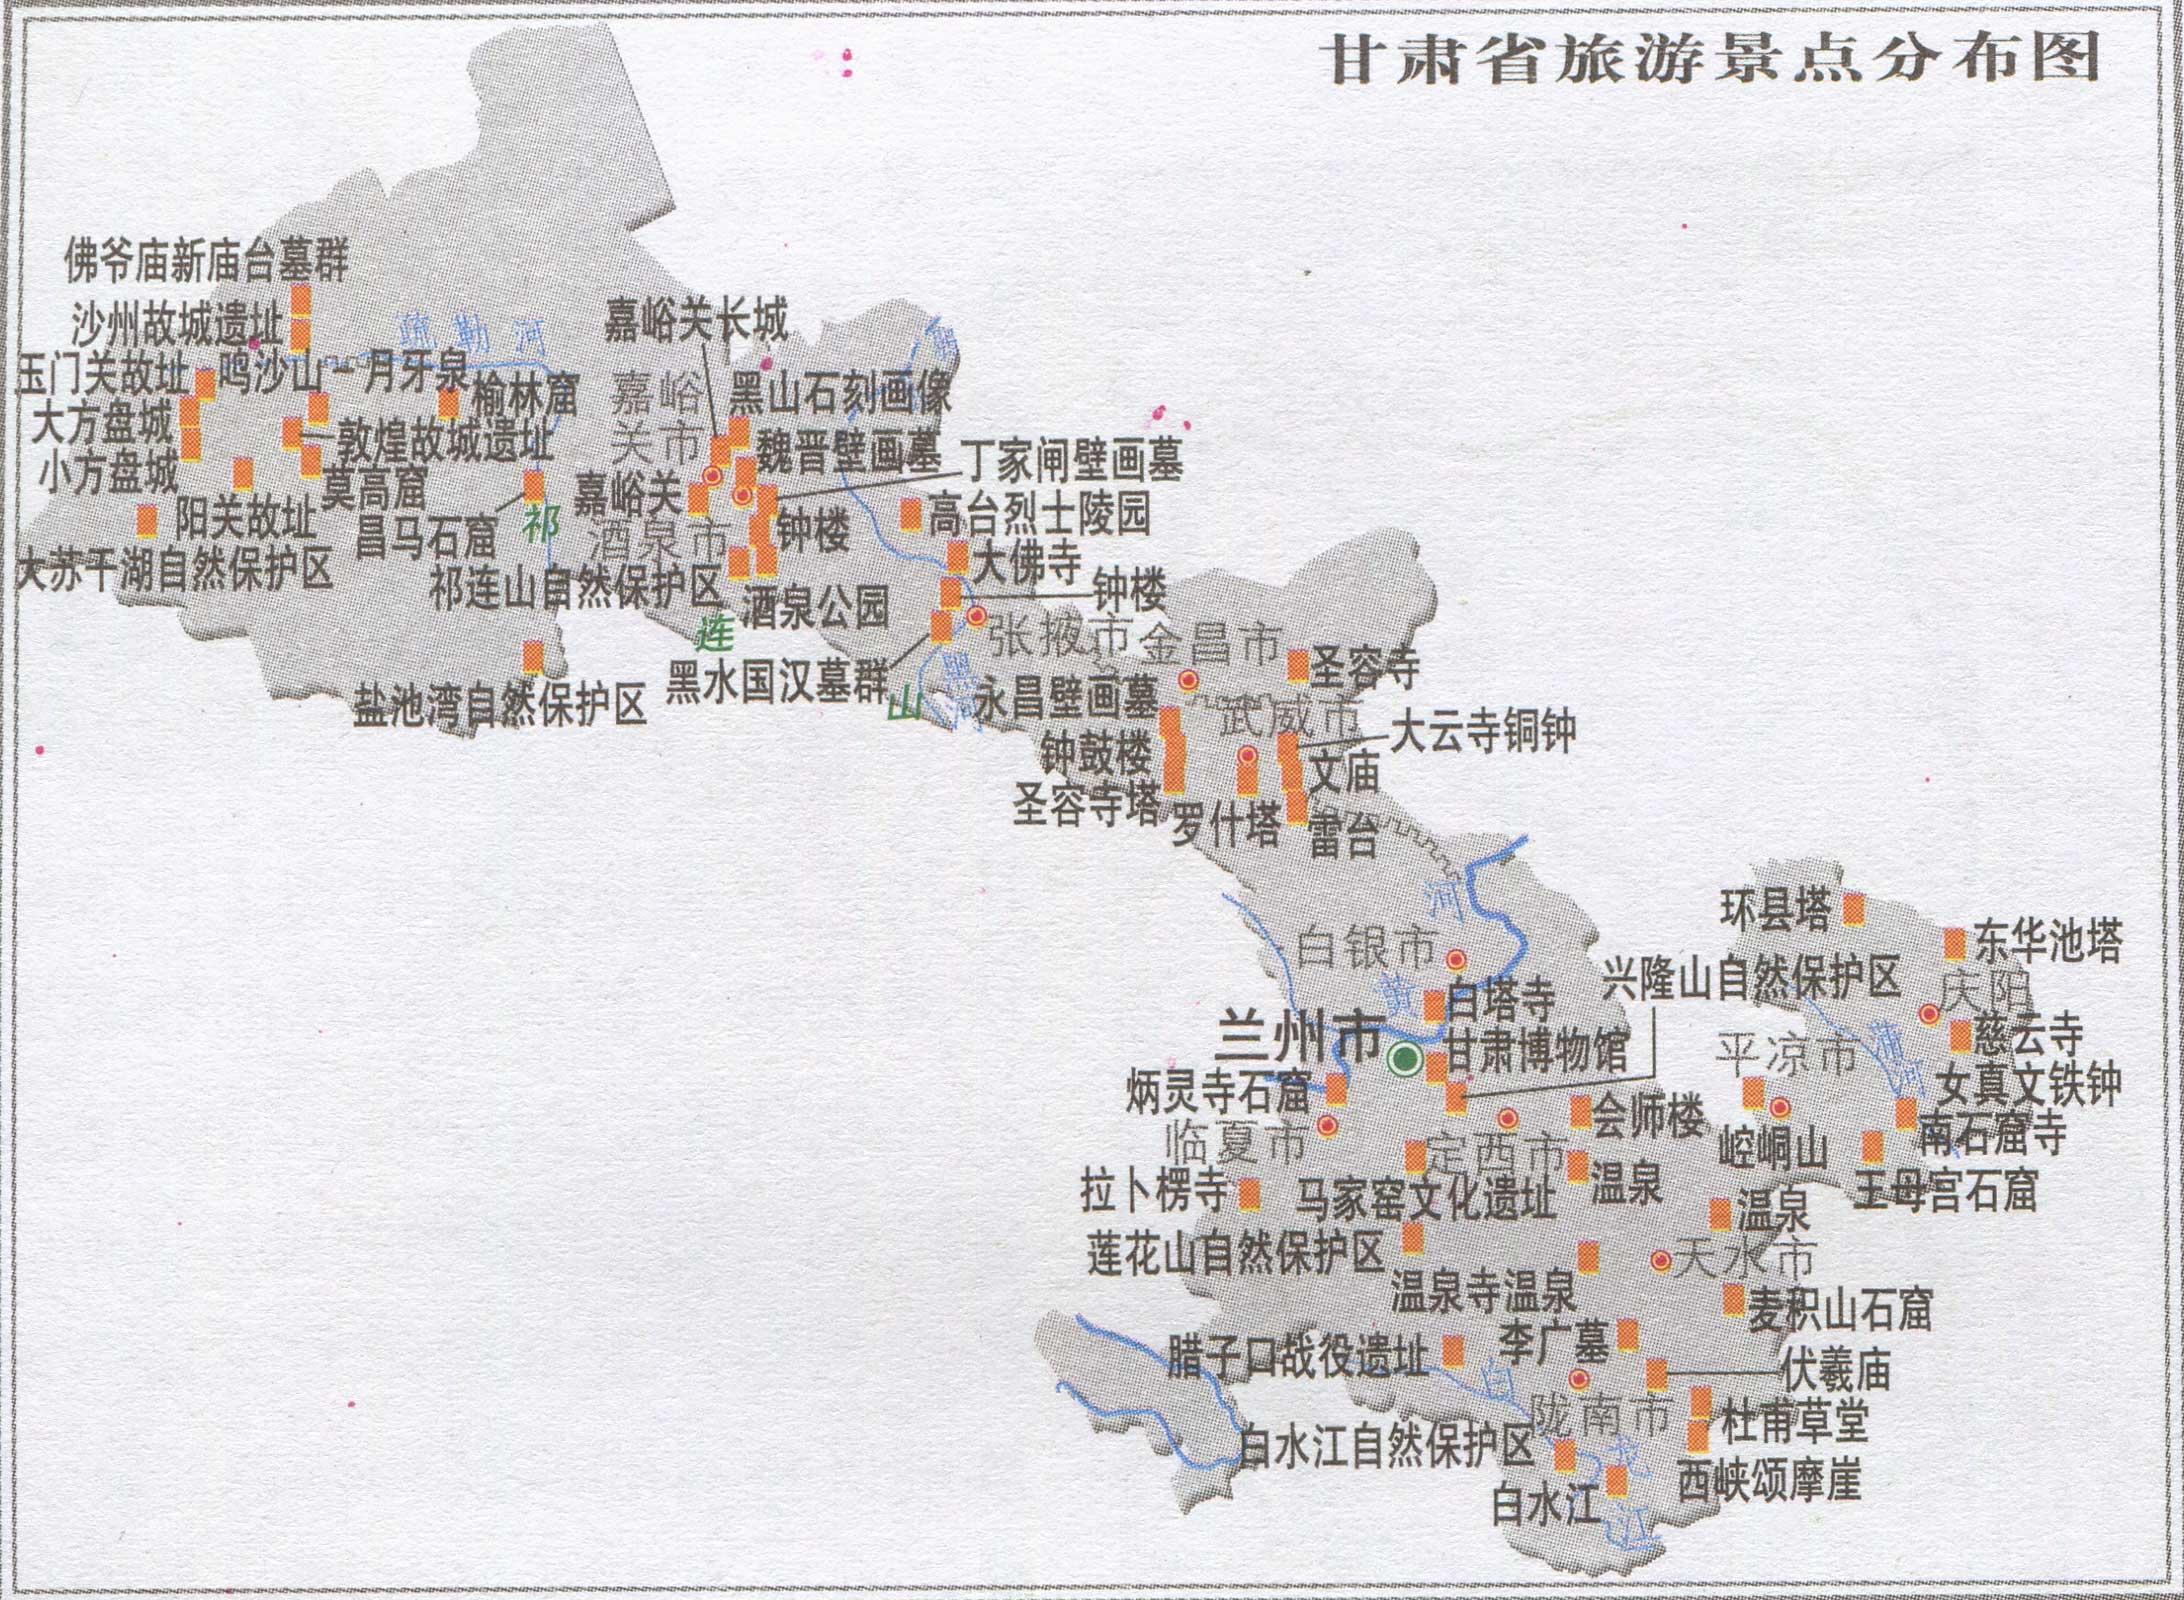 甘肃旅游景点分布图